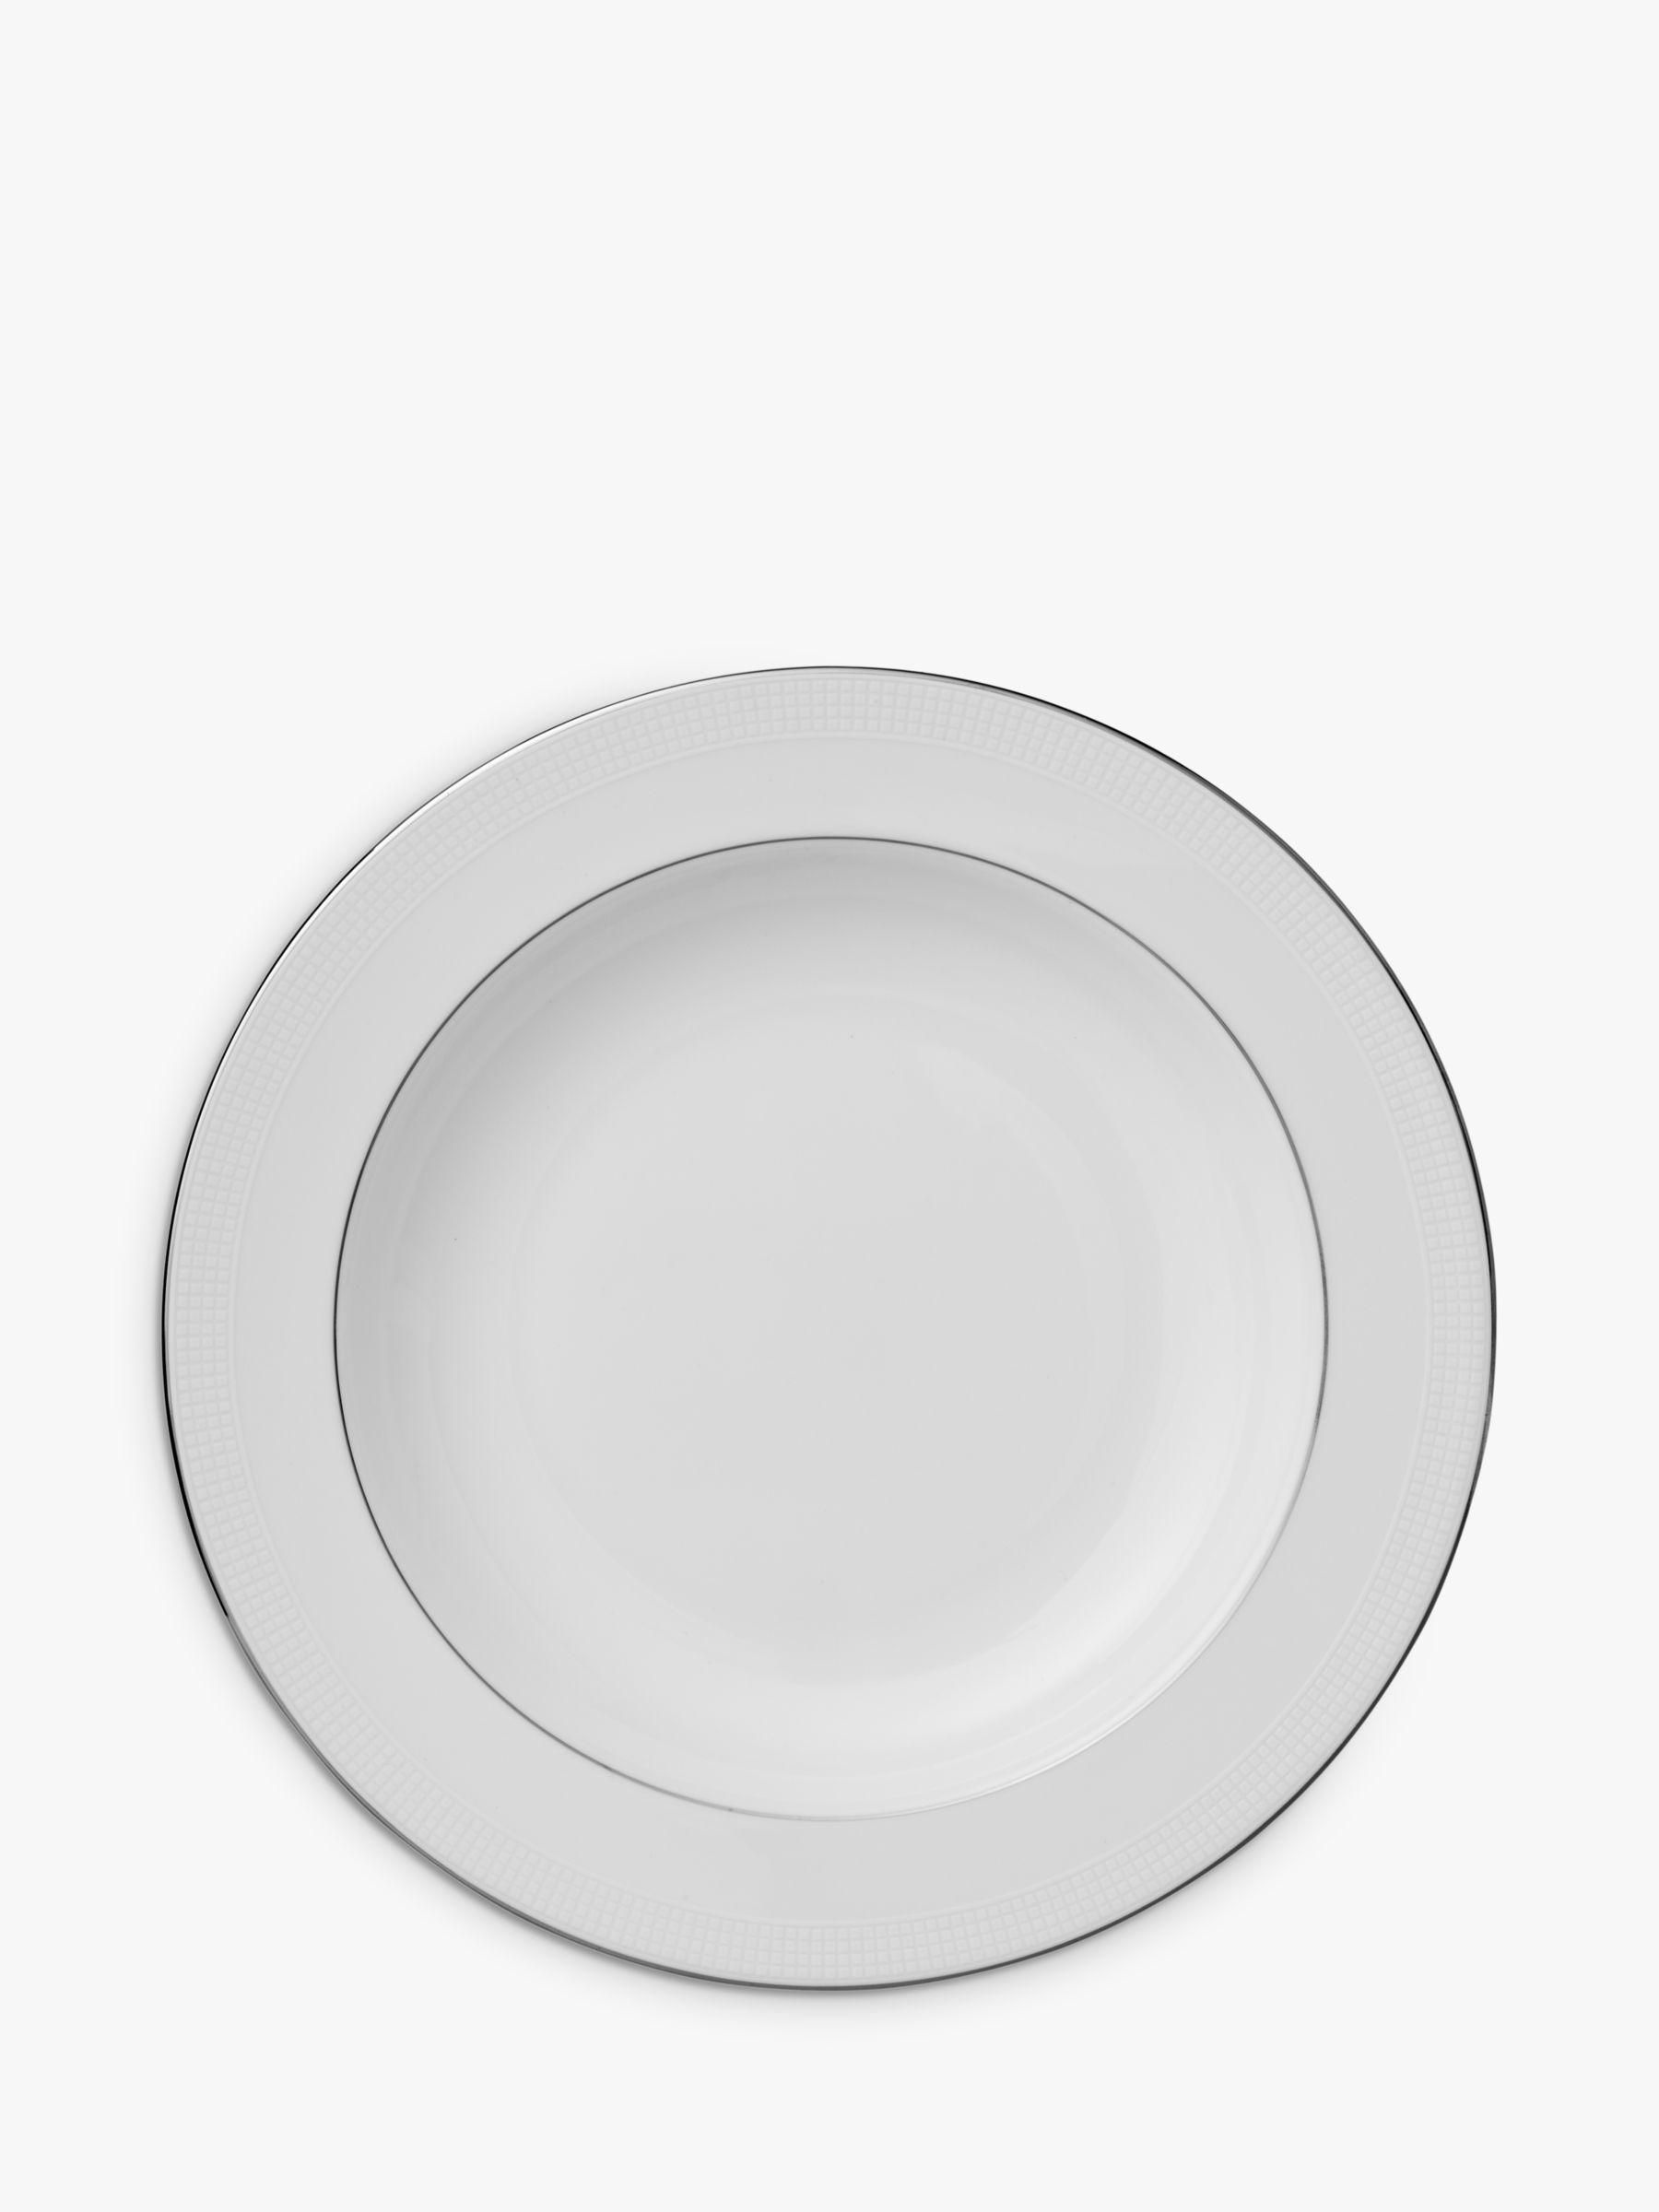 Vera Wang for Wedgwood Vera Wang for Wedgwood Blanc sur Blanc 23cm Soup Plate